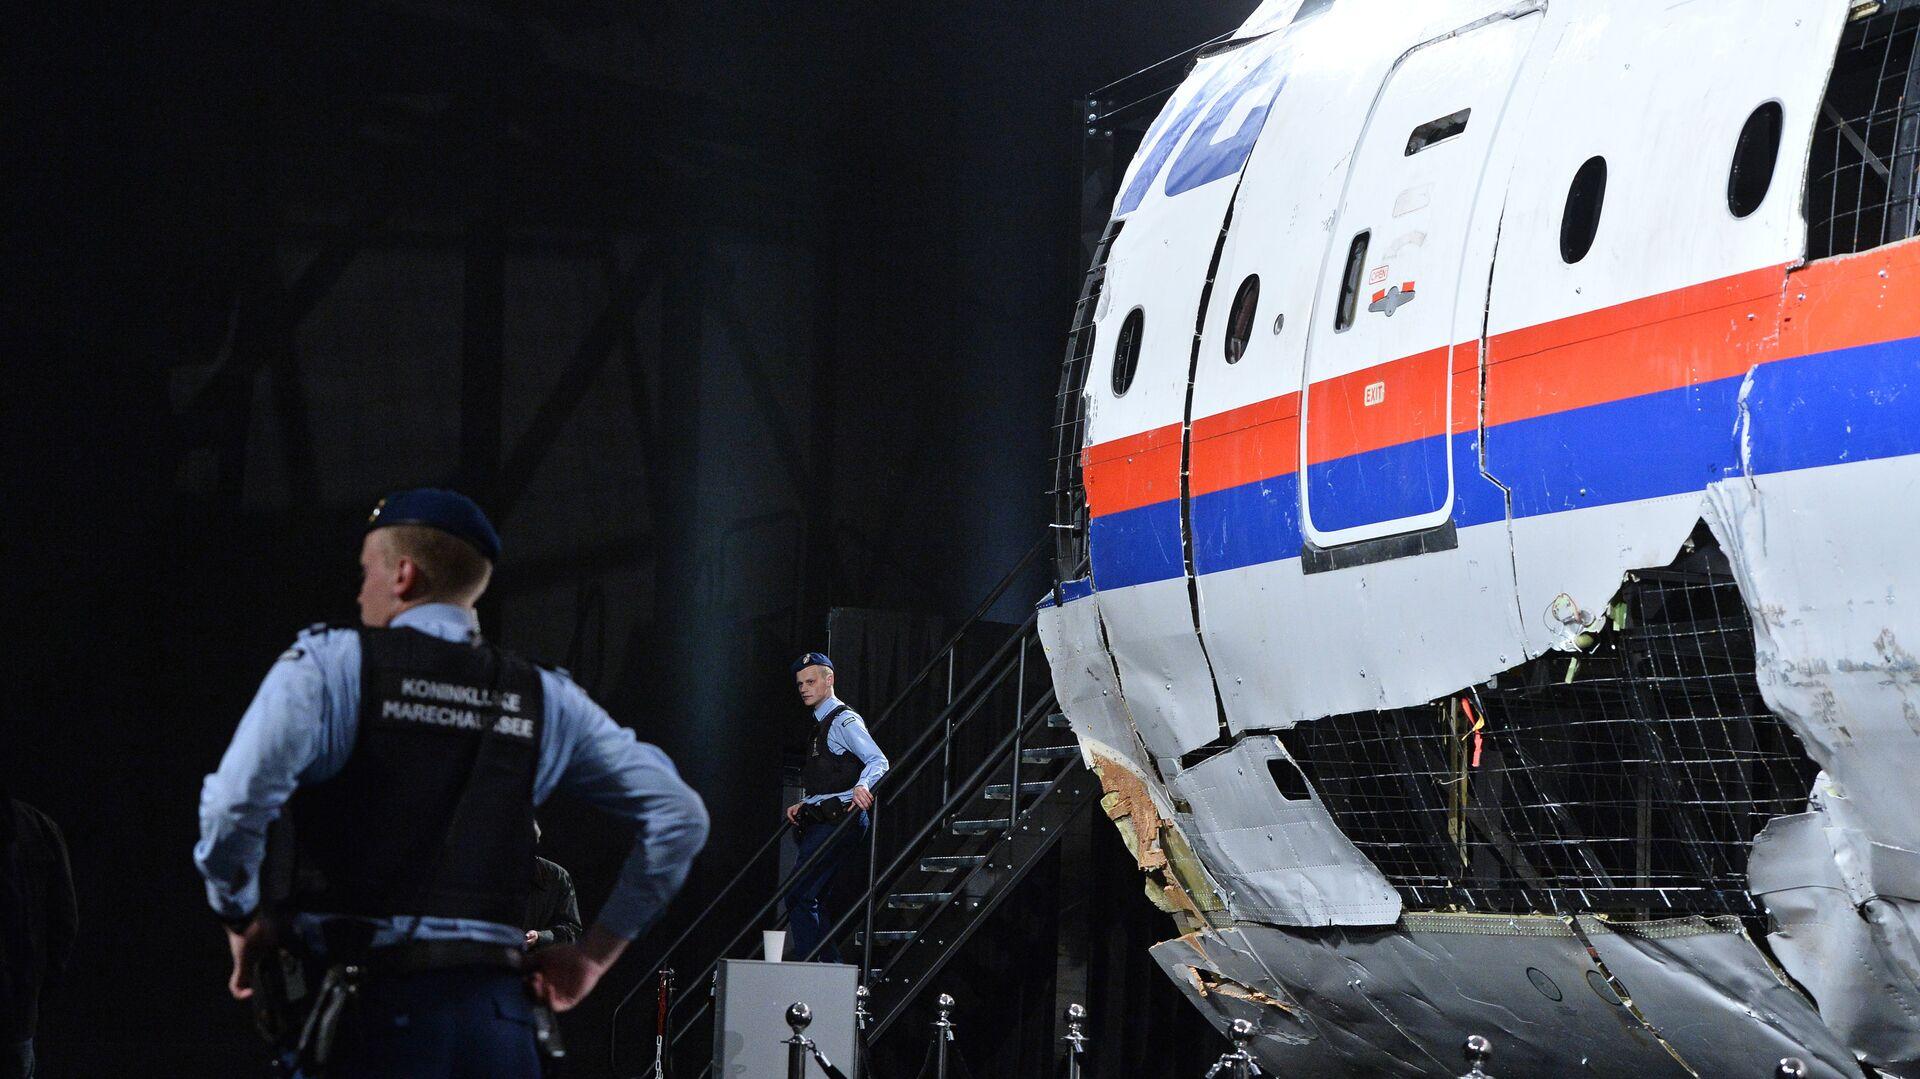 Parte del avión que realizaba el vuelo MH17 de Malaysia Airlines - Sputnik Mundo, 1920, 12.10.2021